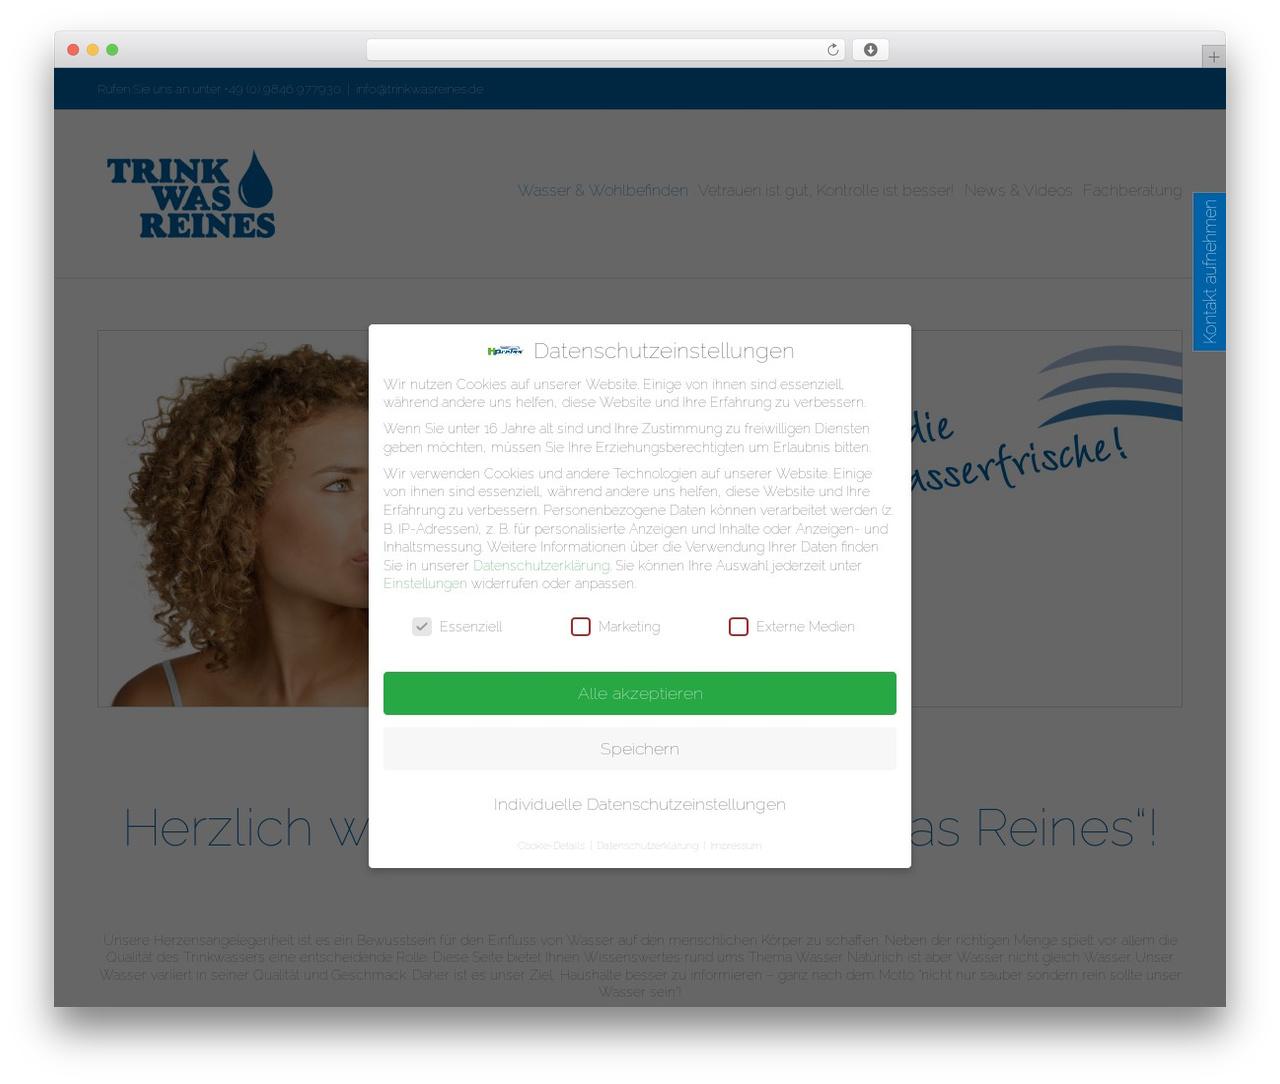 Avada WordPress theme design - trink-was-reines.de